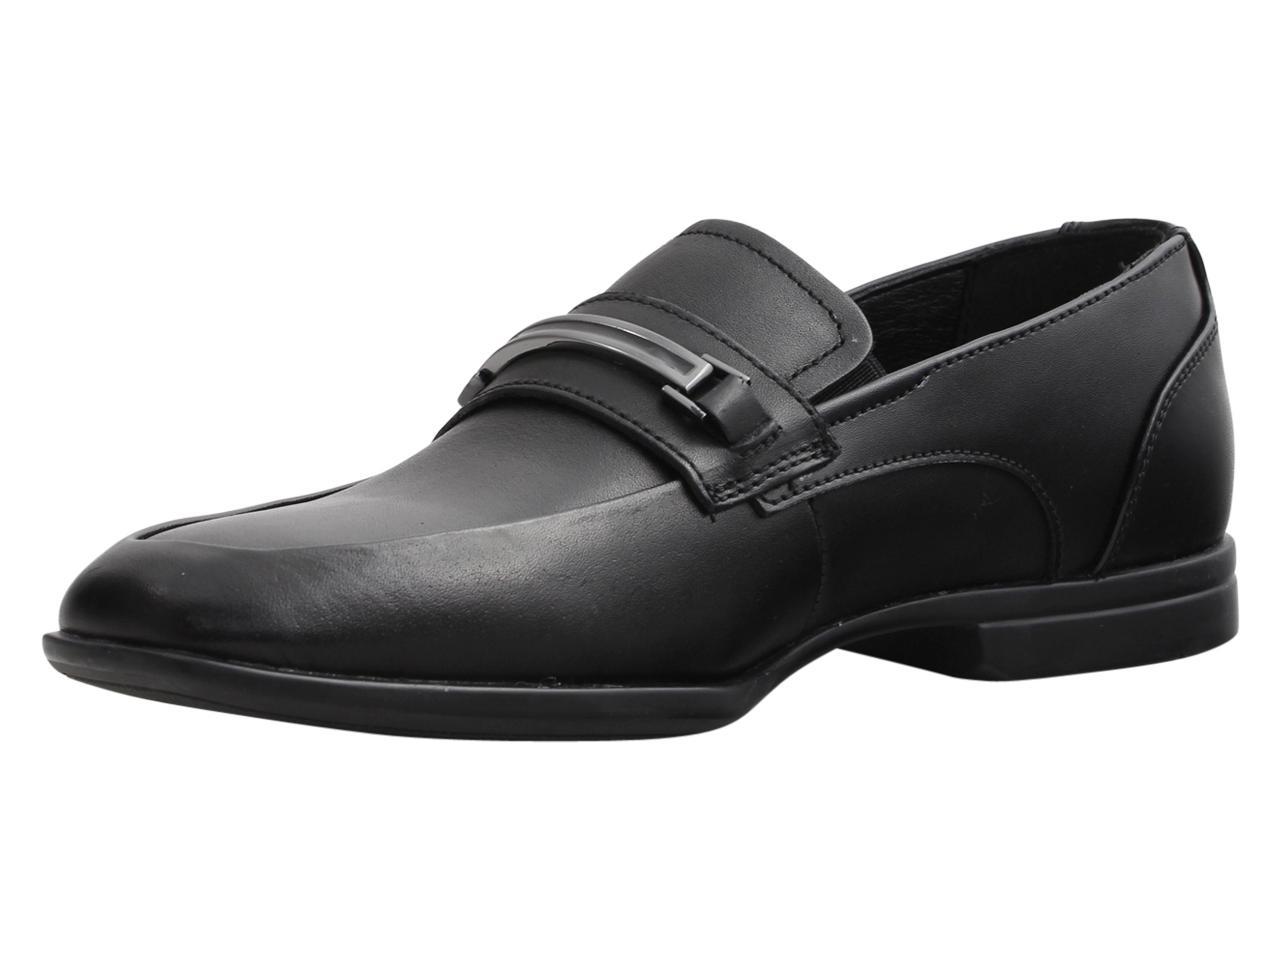 ca008d26863 Giorgio Brutini Men s Lyndor Loafers Shoes